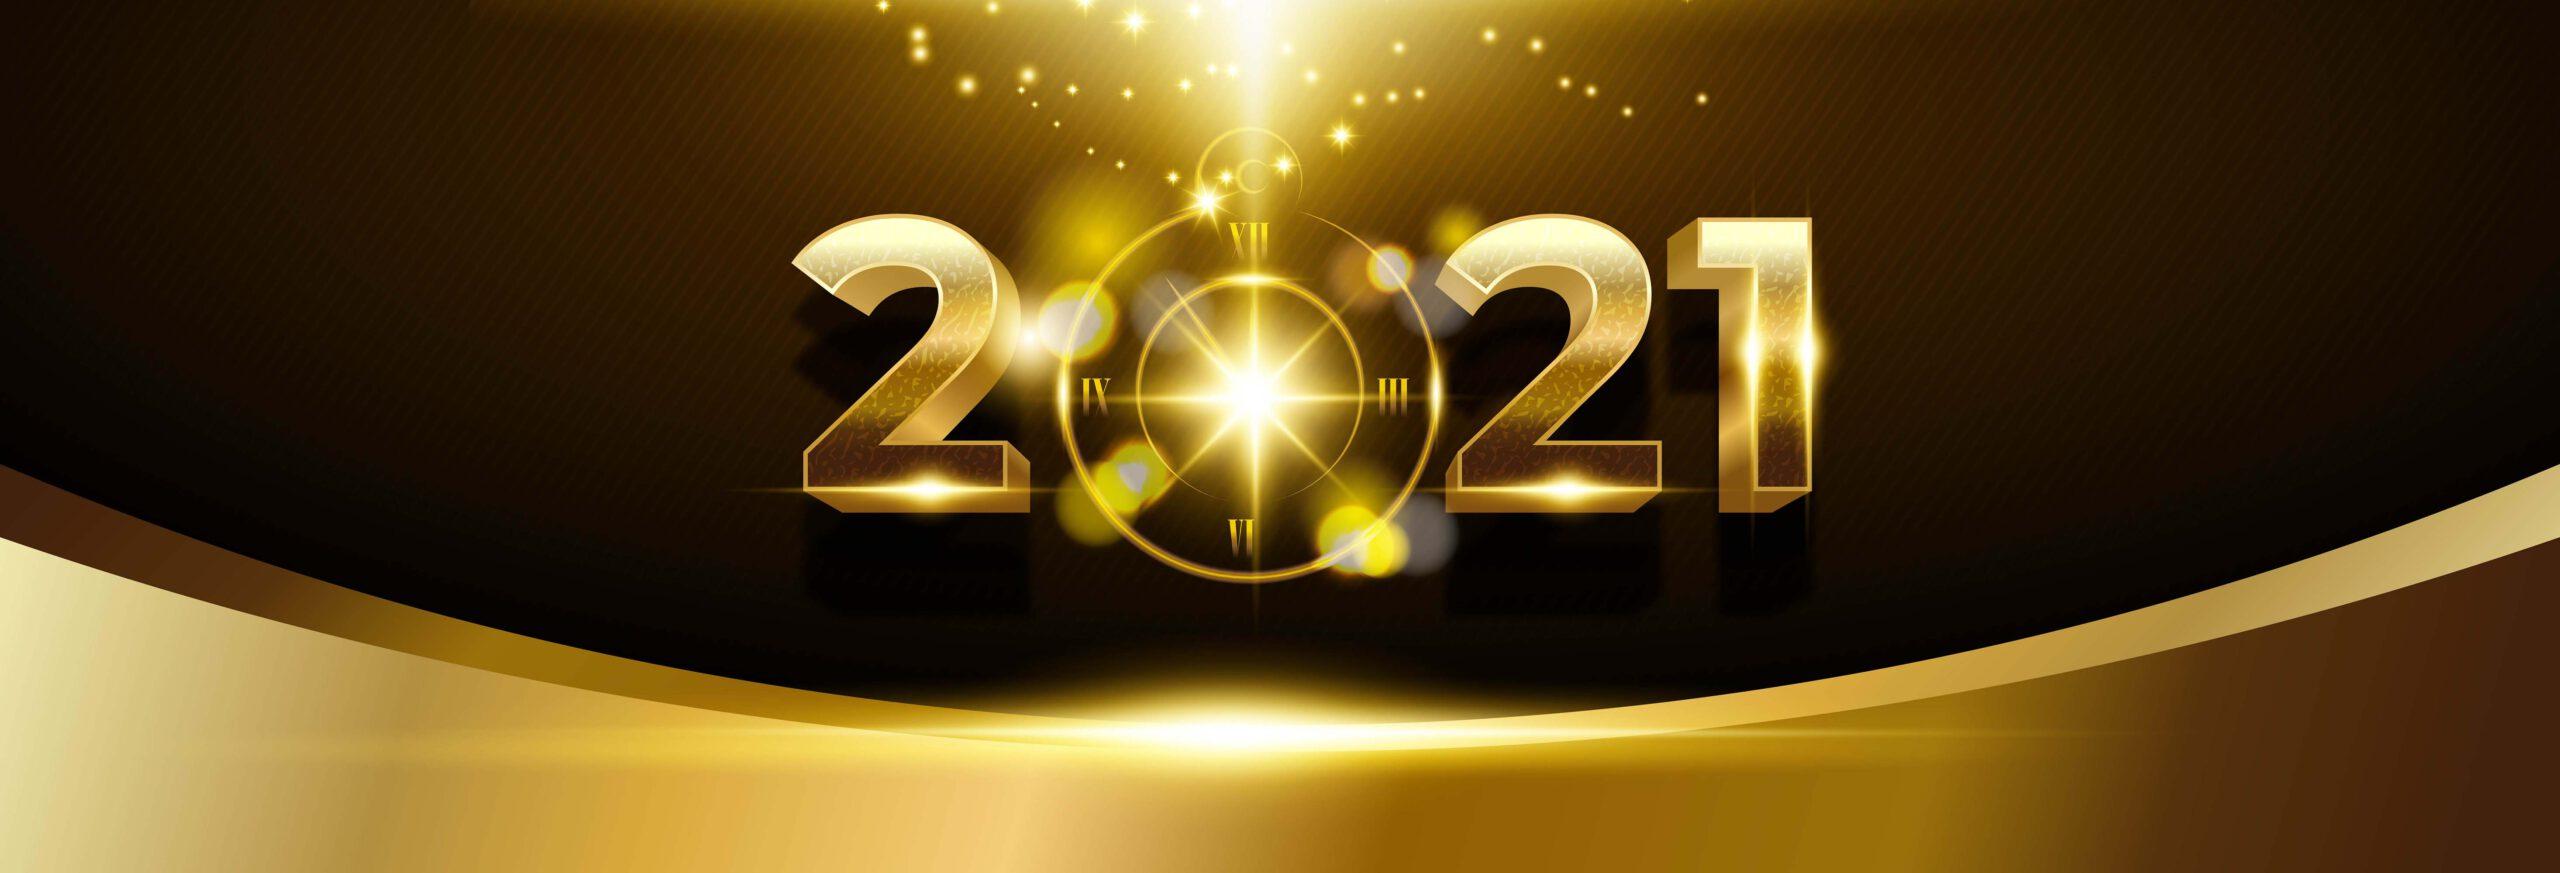 LTB FENG SHUI DESIGN - Bonne Année 2021